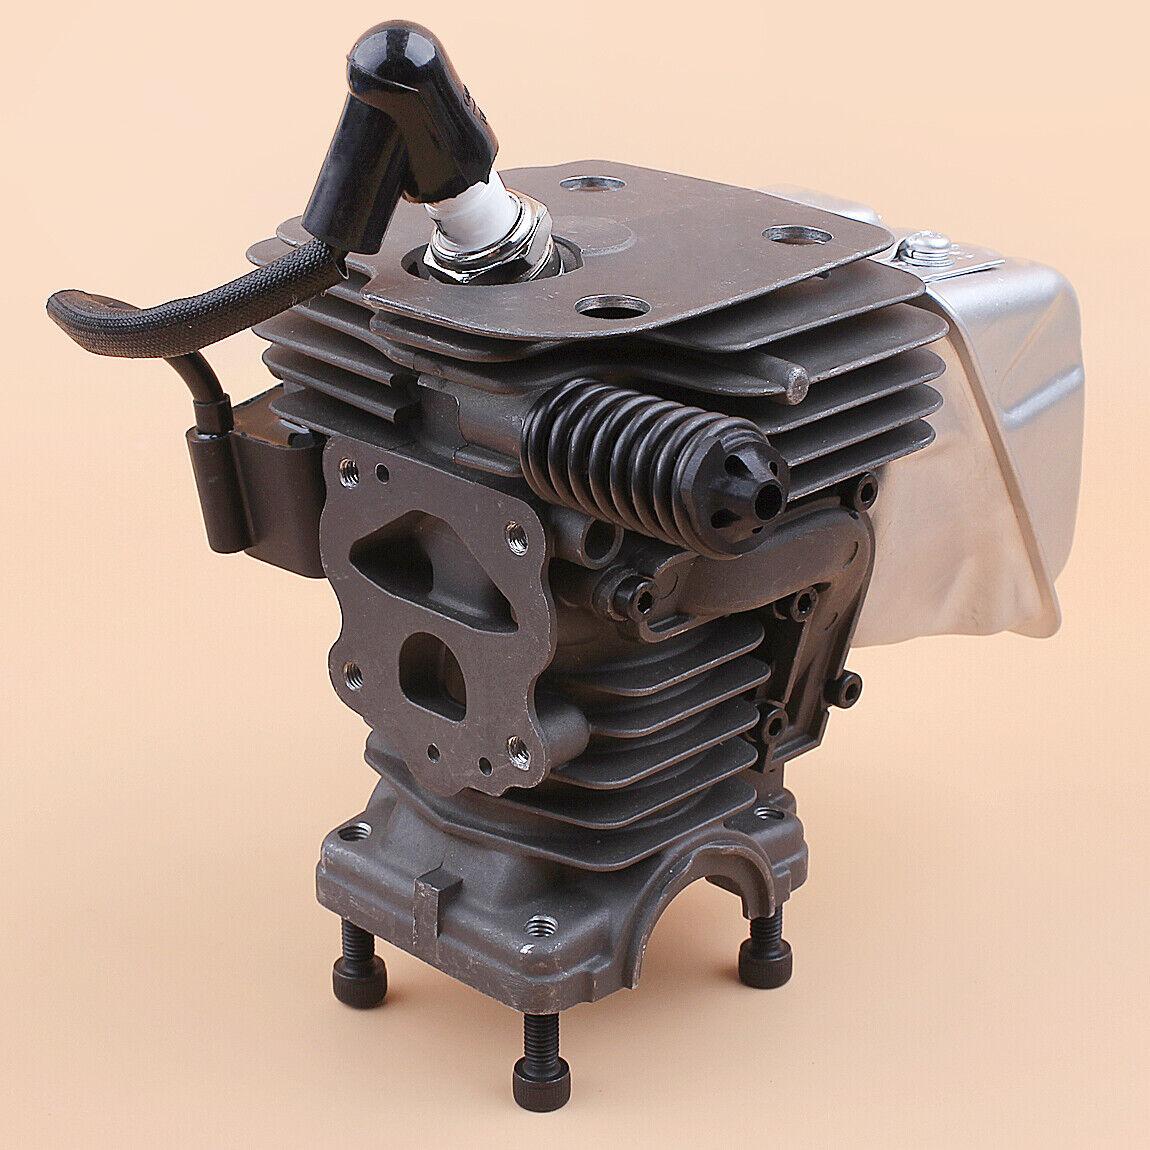 44mm Cilindro Pistón Silenciador Kit De Bobina De Encendido Ajuste 450 450e Rancher Motosierra II